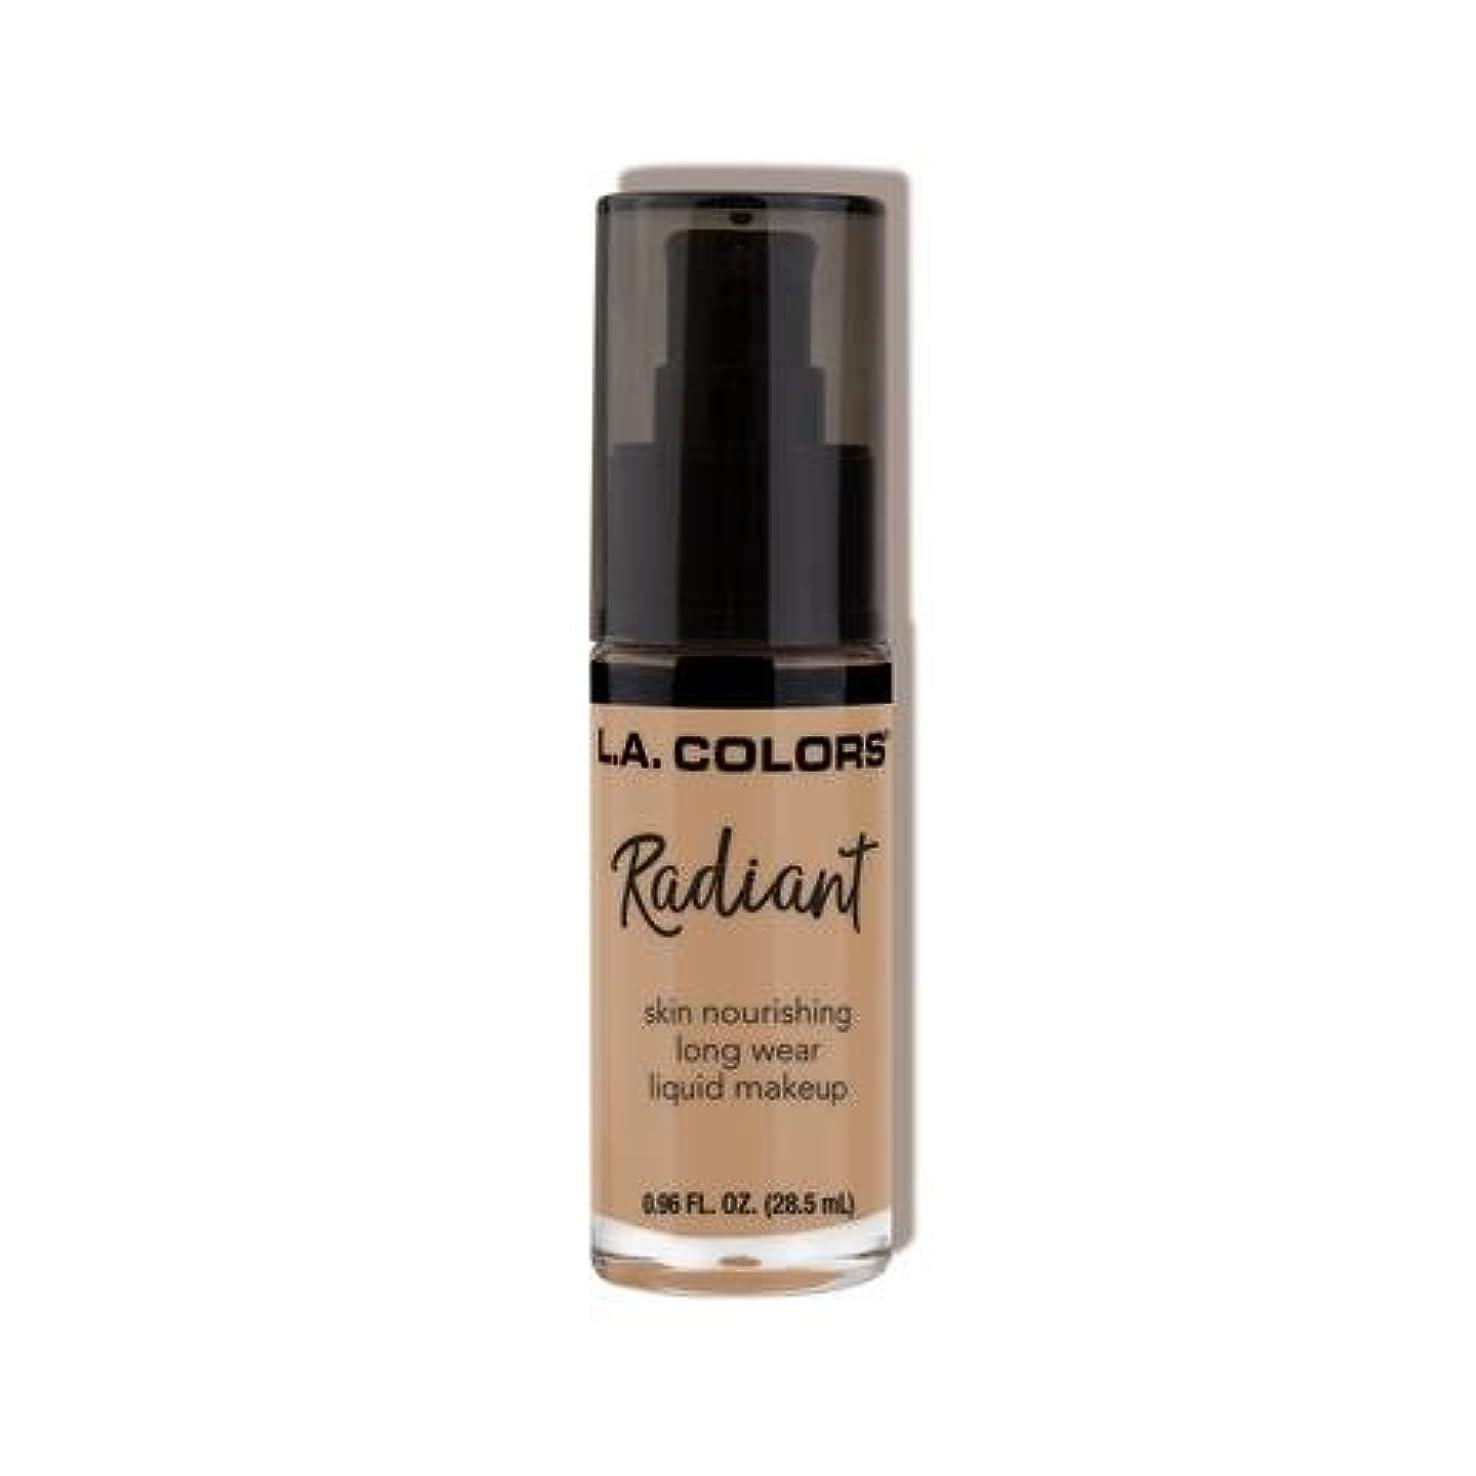 混雑満了アイデア(3 Pack) L.A. COLORS Radiant Liquid Makeup - Medium Beige (並行輸入品)